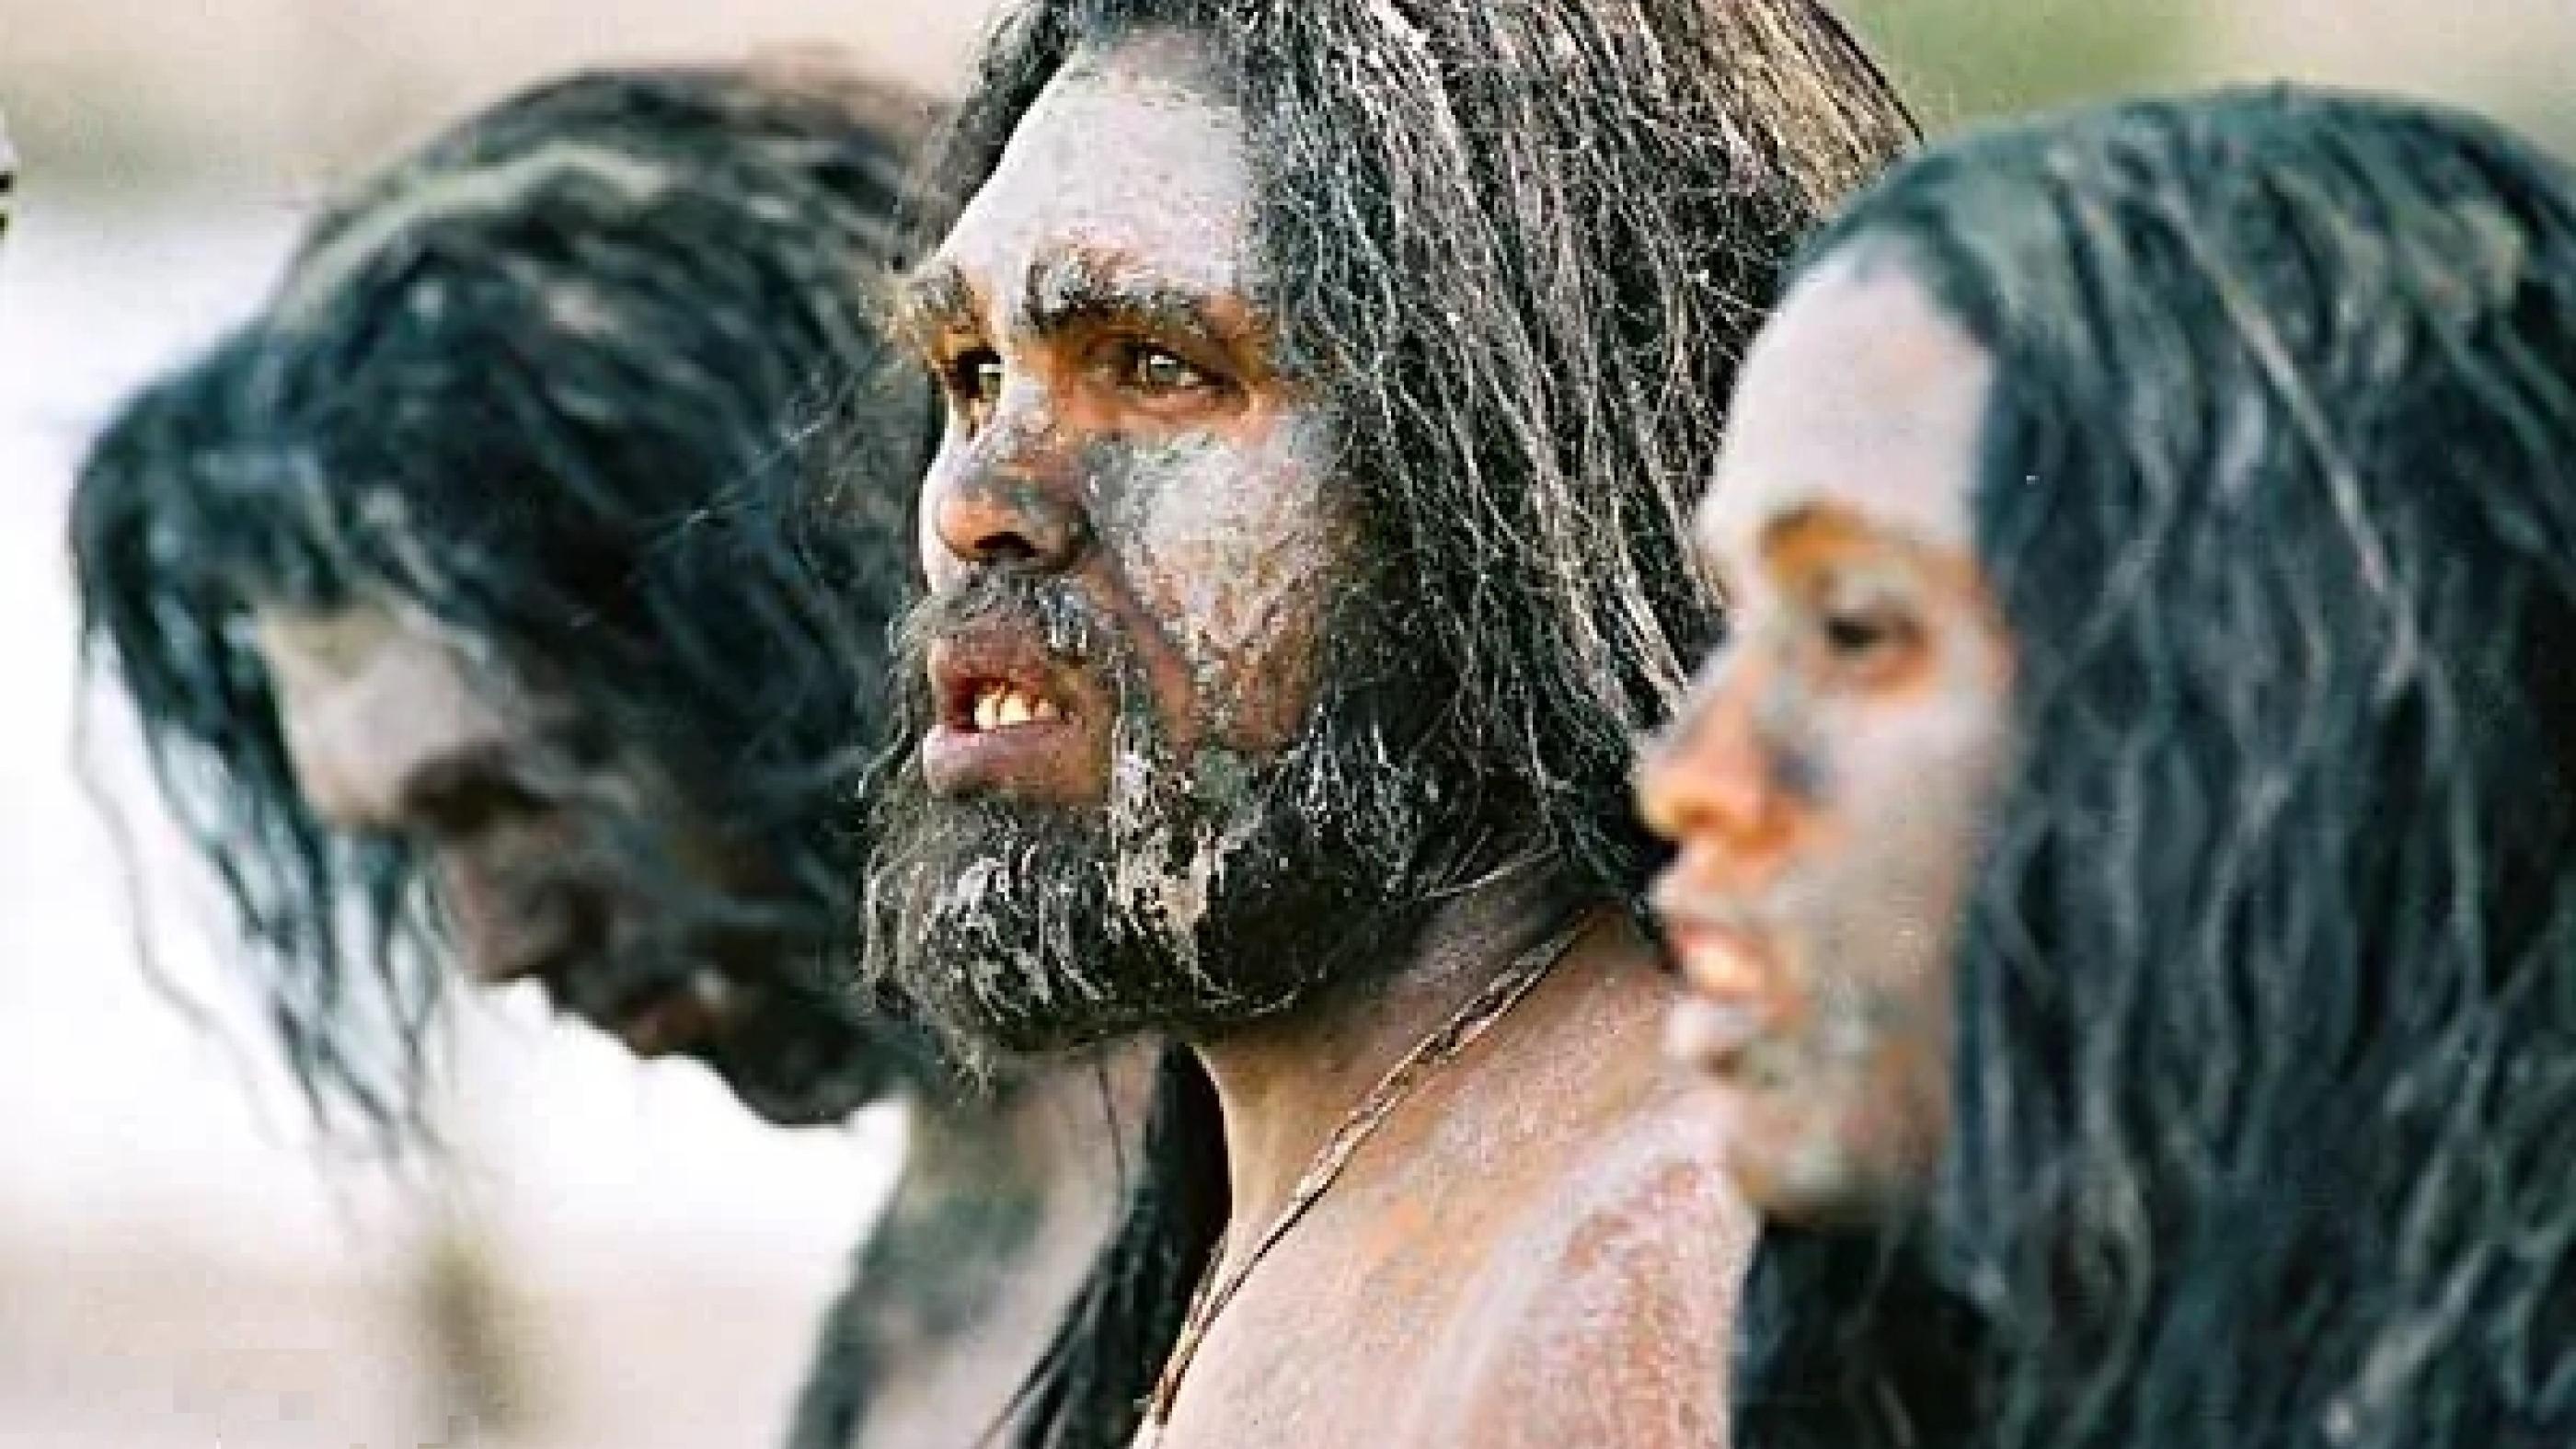 尼安德特人基因,對你我他影響有多大,他們是人類的祖宗嗎?